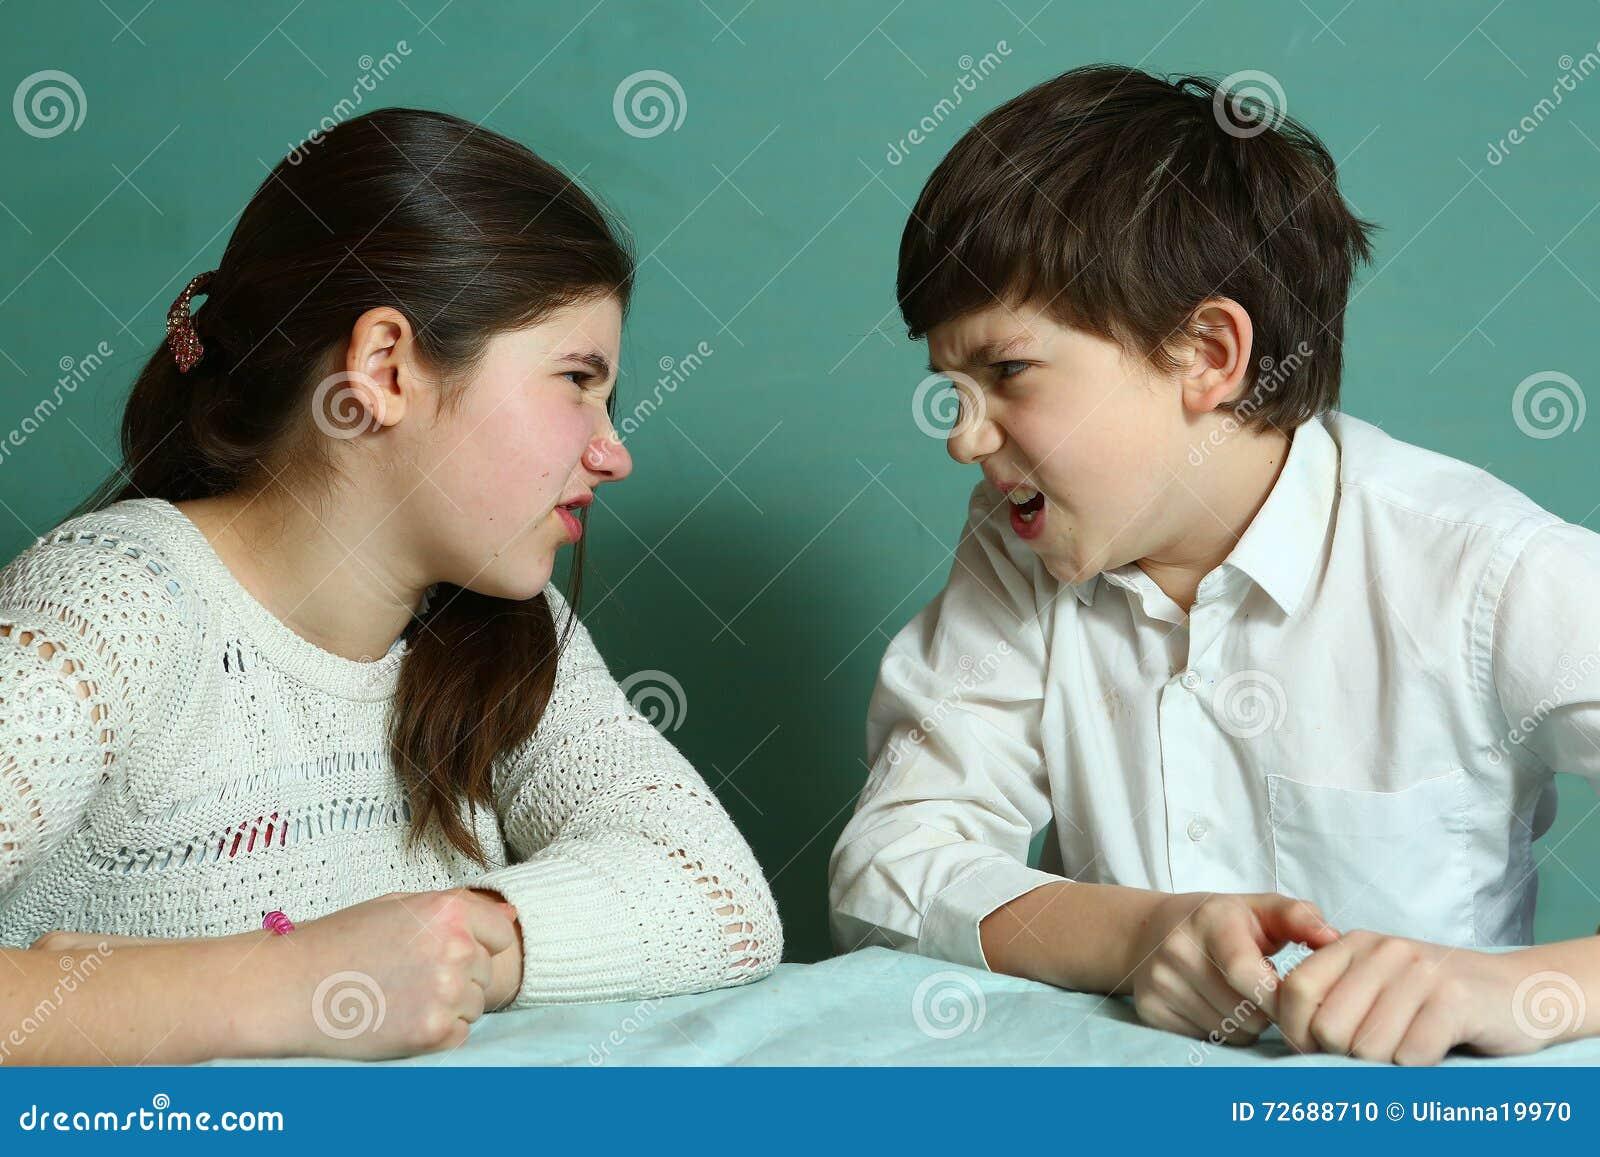 Русский инцест родного брата с сестрой, Инцест брата с сестрой 16 фотография